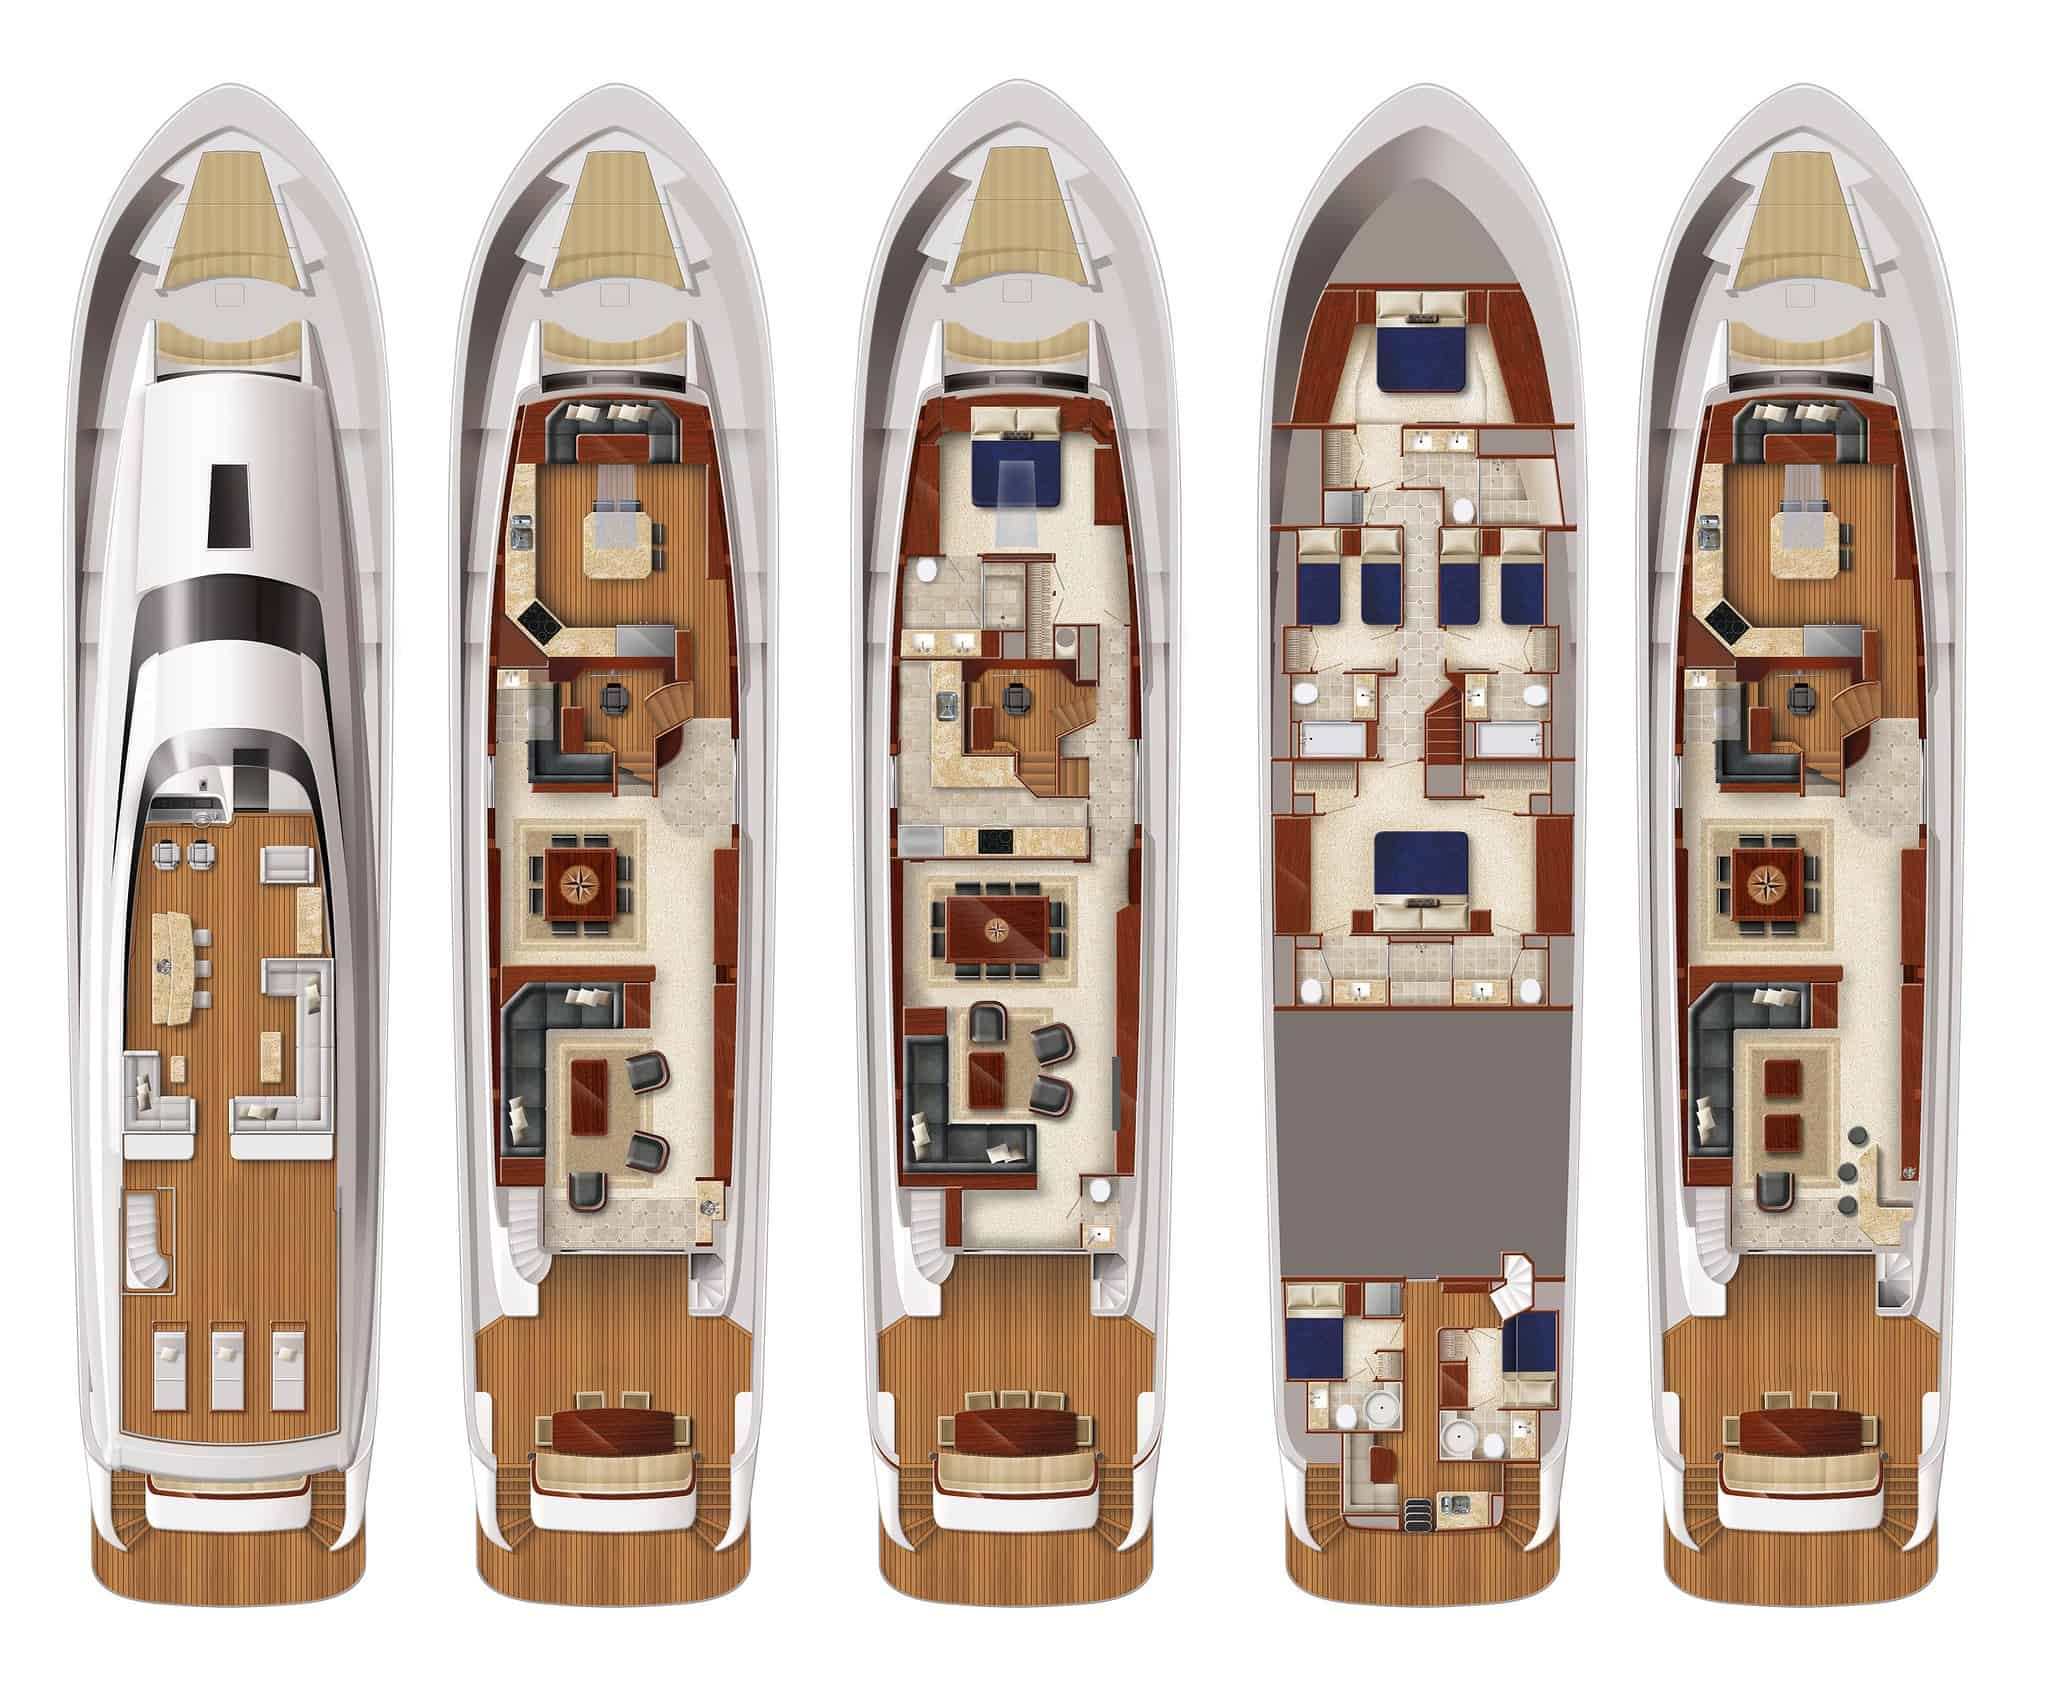 Hatteras 105 Raised Pilothouse Layouts